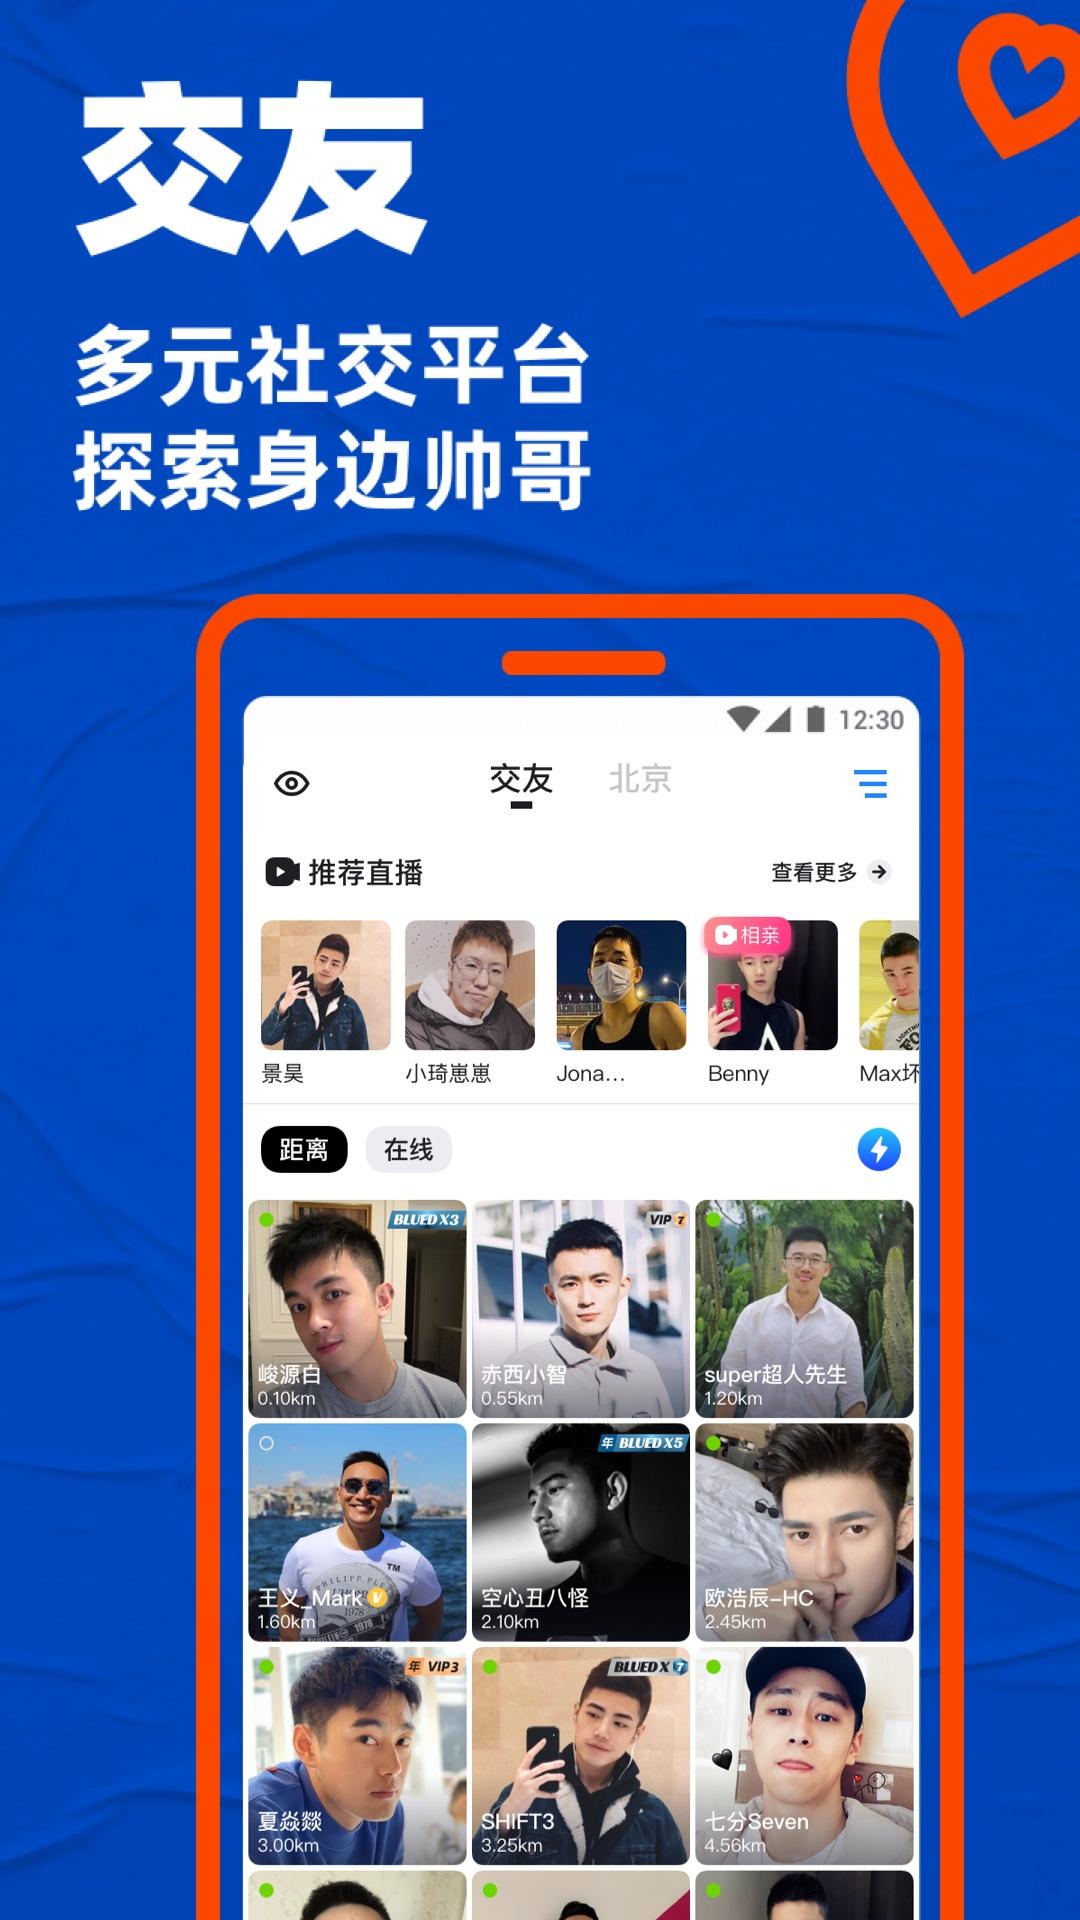 Blued客户端-Blued软件App下载-Blued安卓版/苹果版/电脑版-飞翔软件库